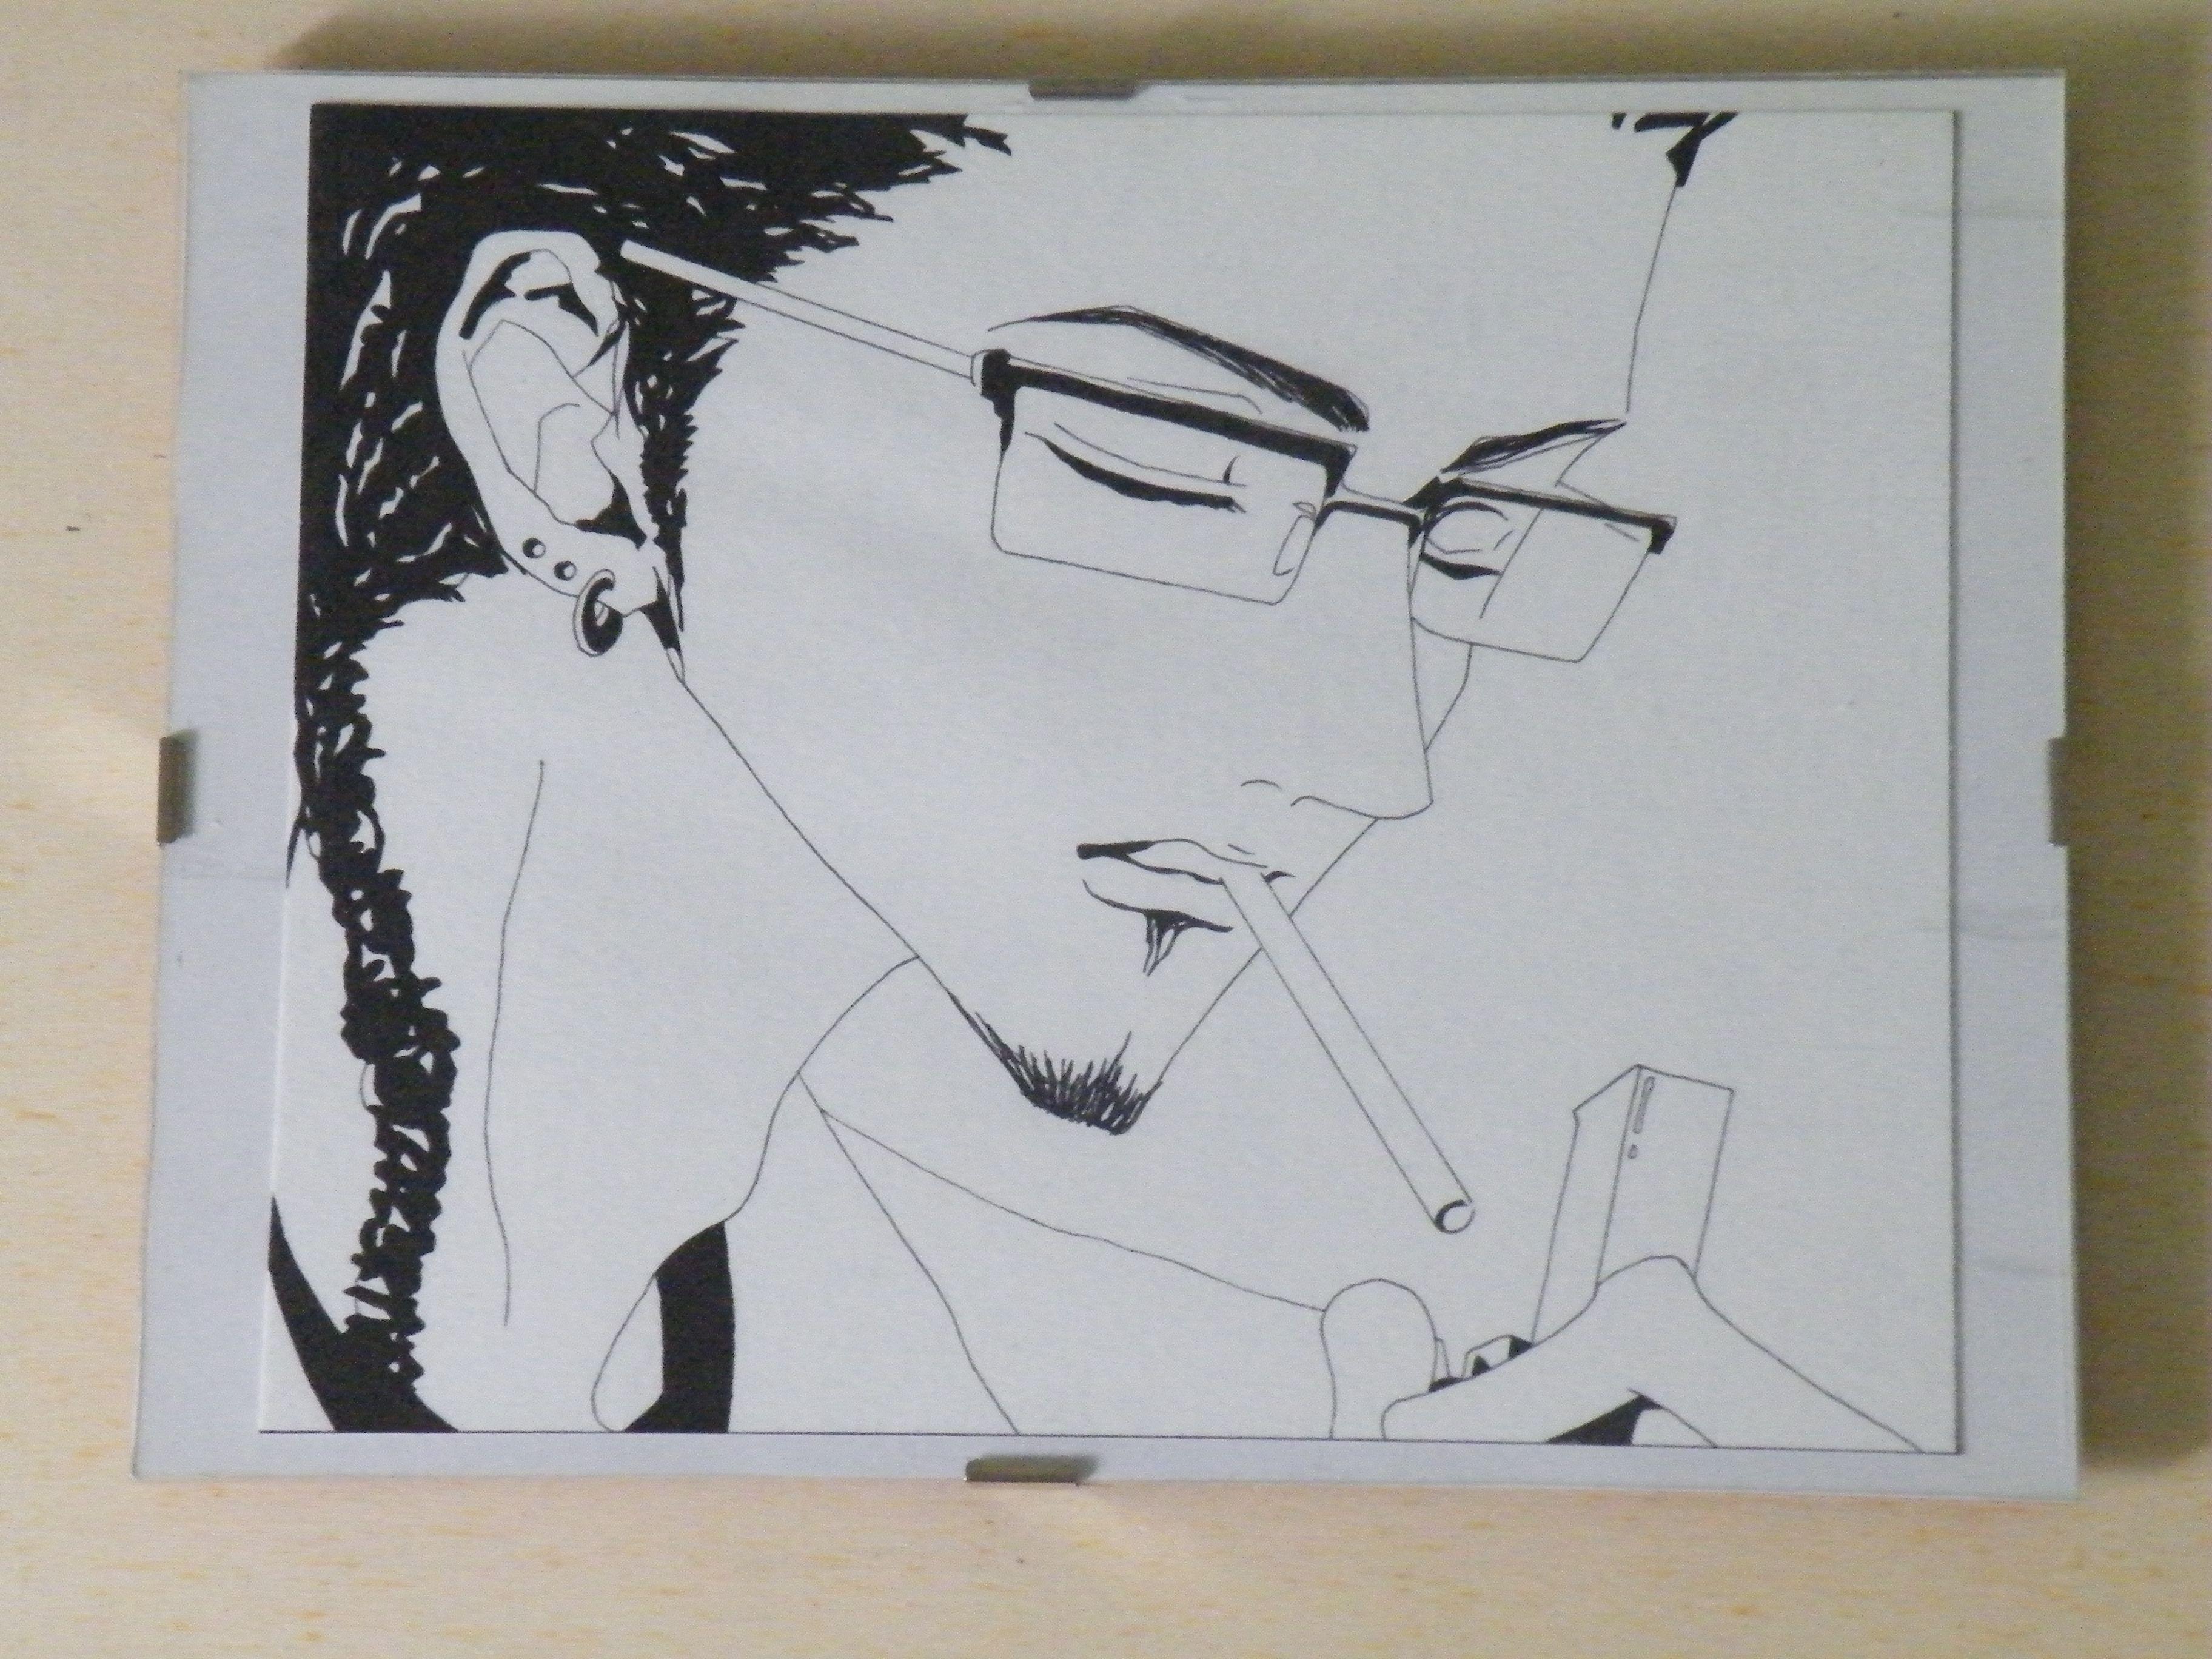 Kyosuke (Nana) Anno 2006 24x18 cm Il tratto e la